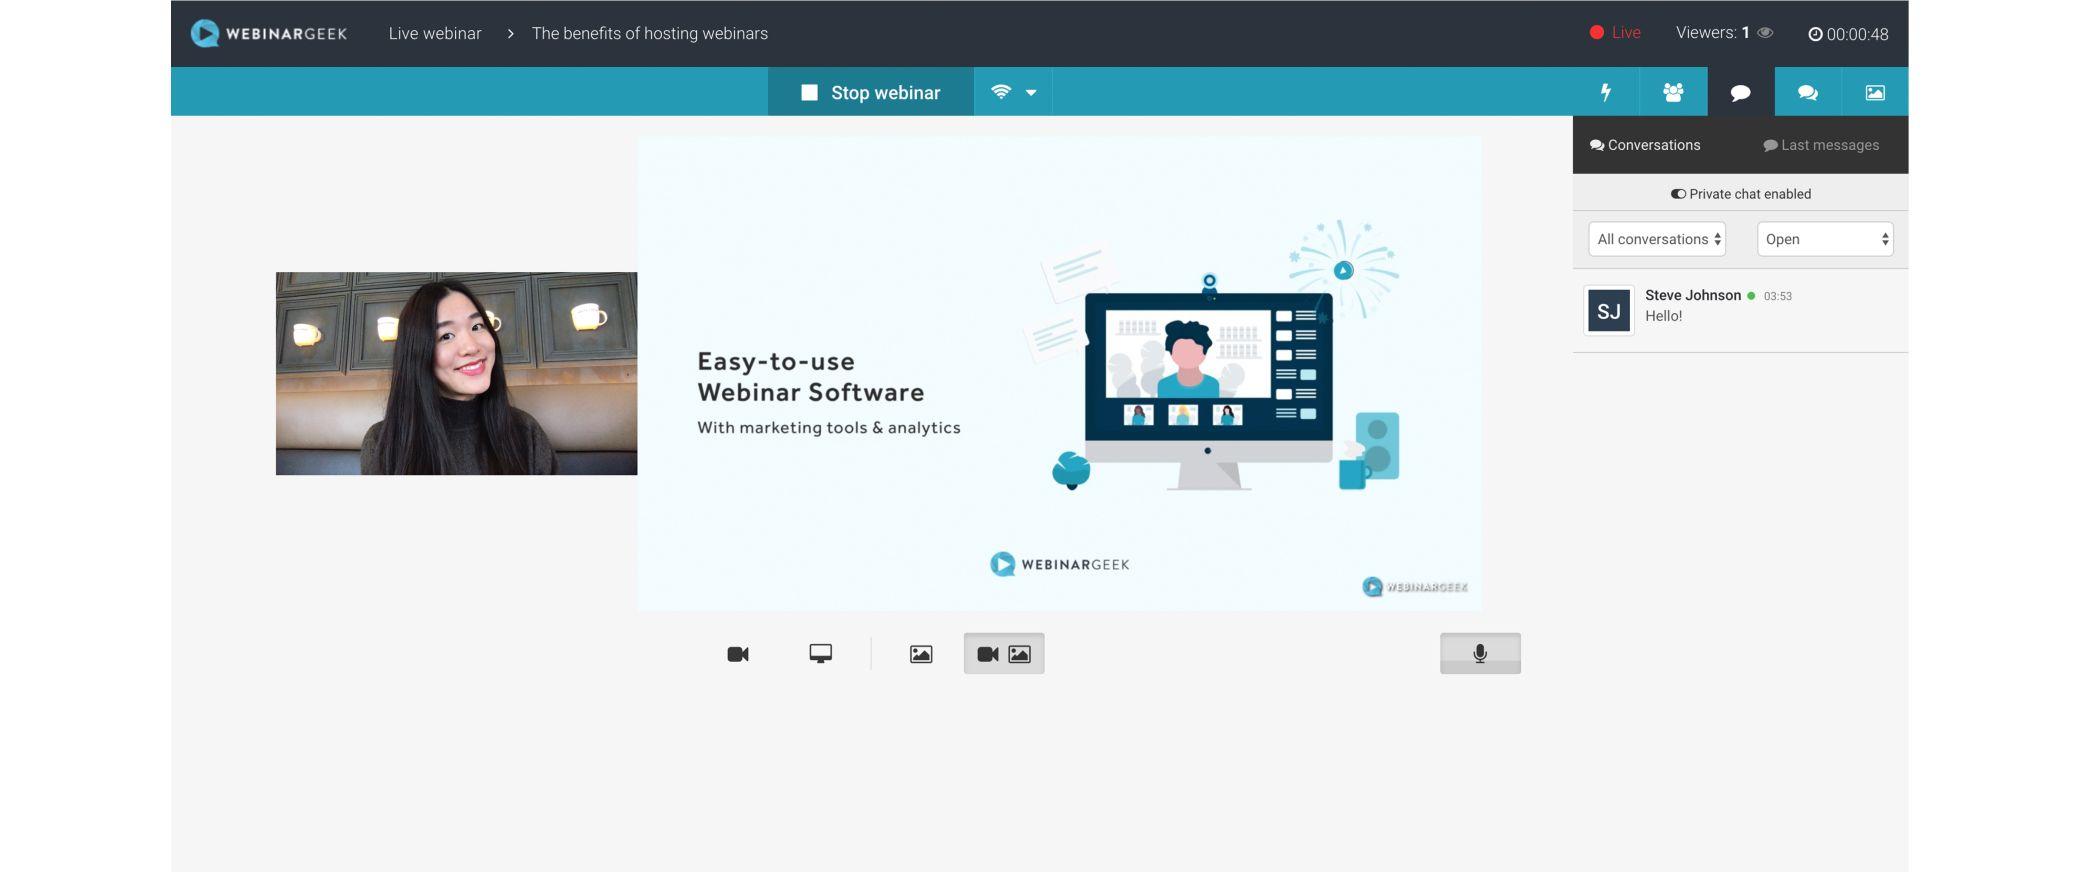 webinargeek screenshot